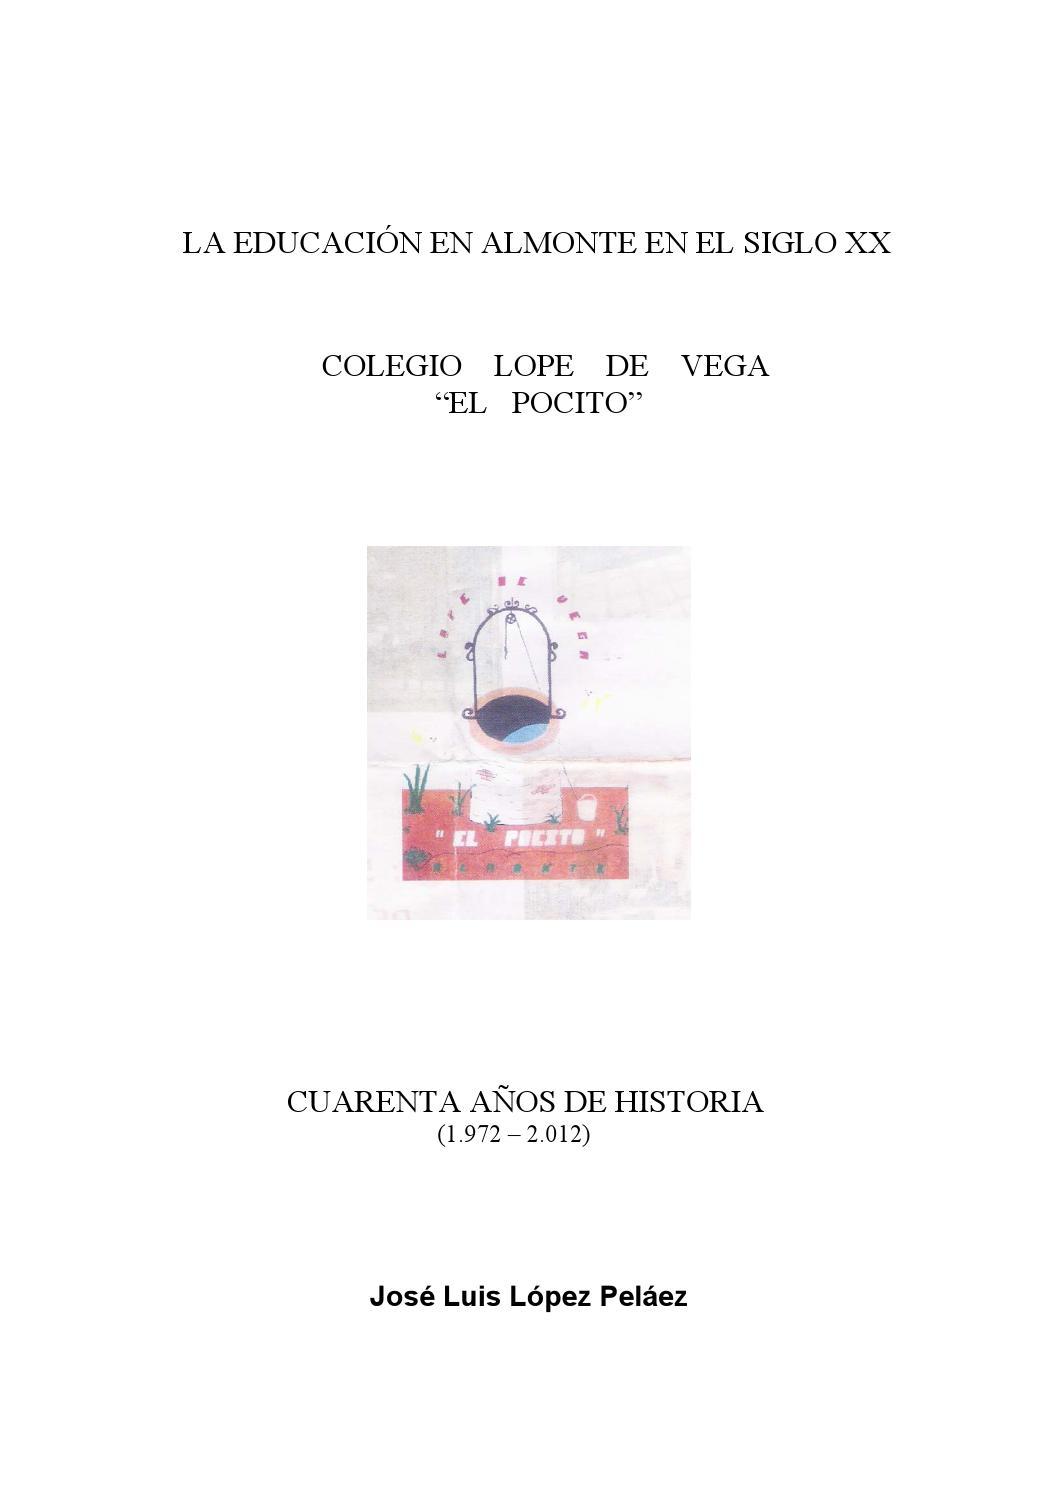 Cuarenta años educando. by JOSE LUIS LOPEZ PELAEZ - issuu